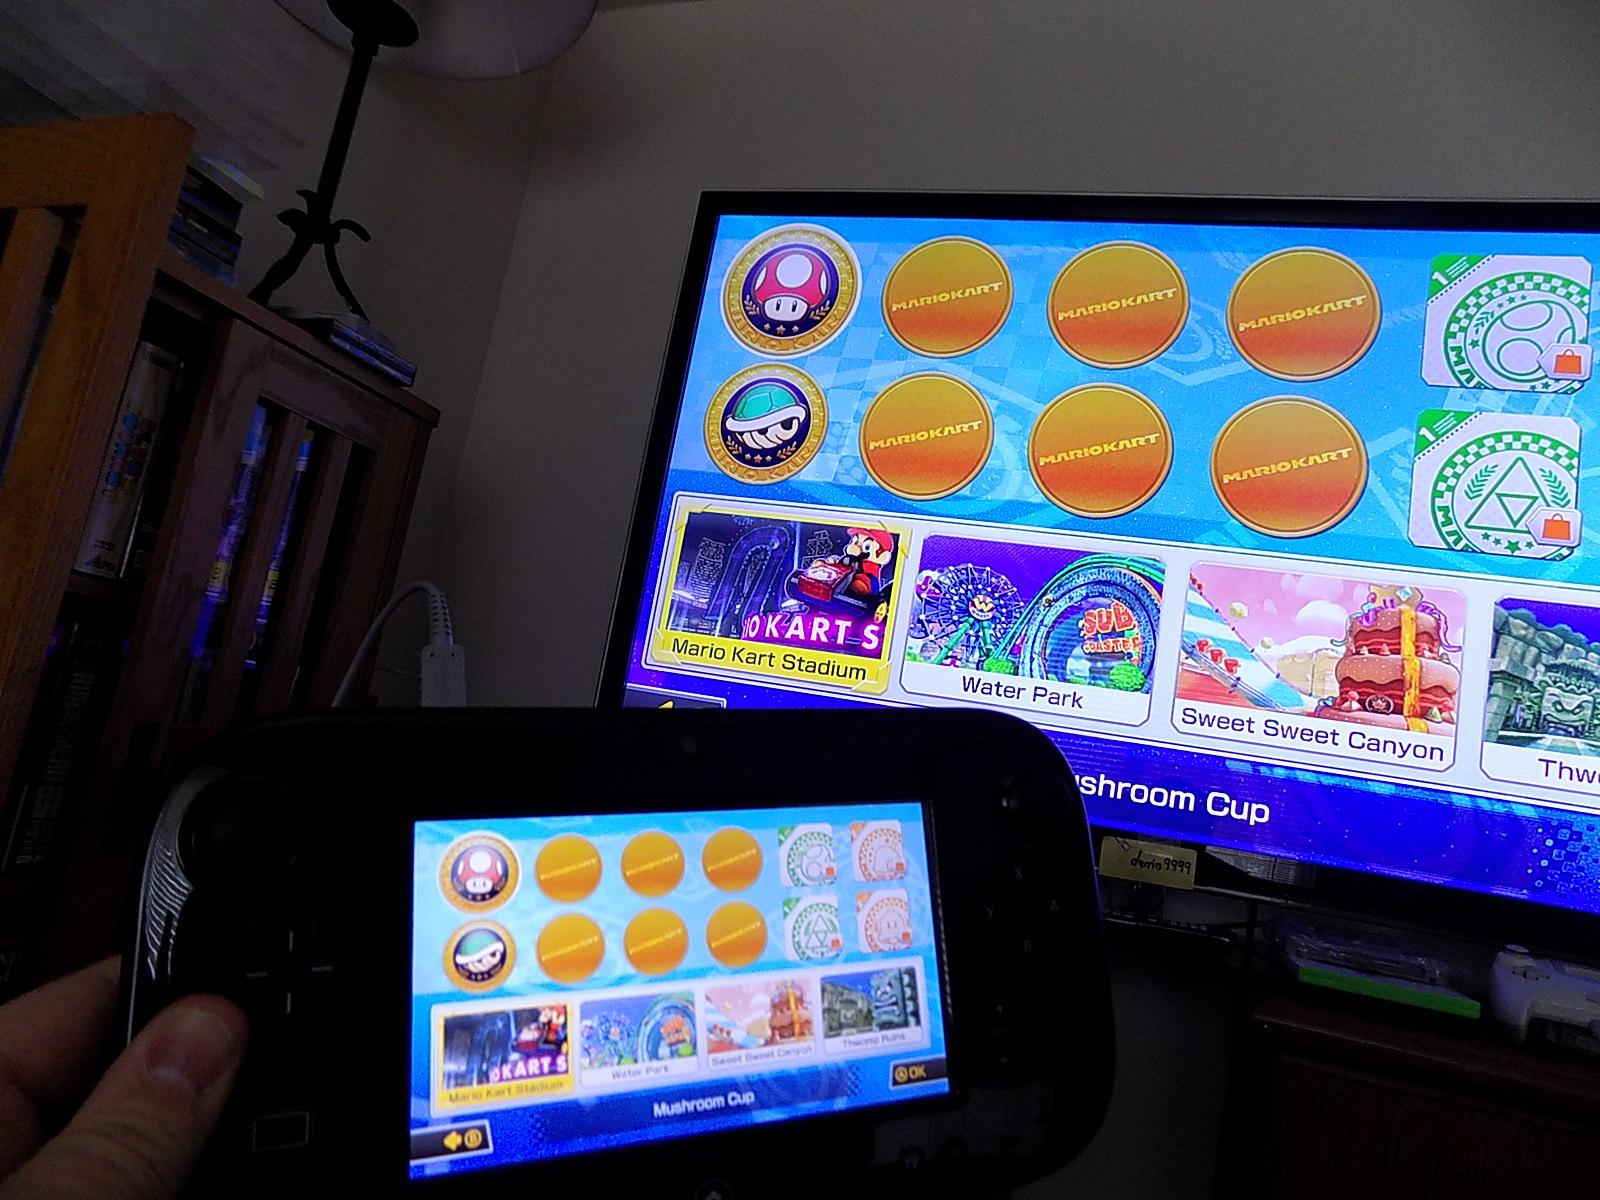 darrin9999: Mario Kart 8: Time Trials: Mario Stadium [Best Time] (Wii U) 0:02:25.17 points on 2020-04-06 21:20:18